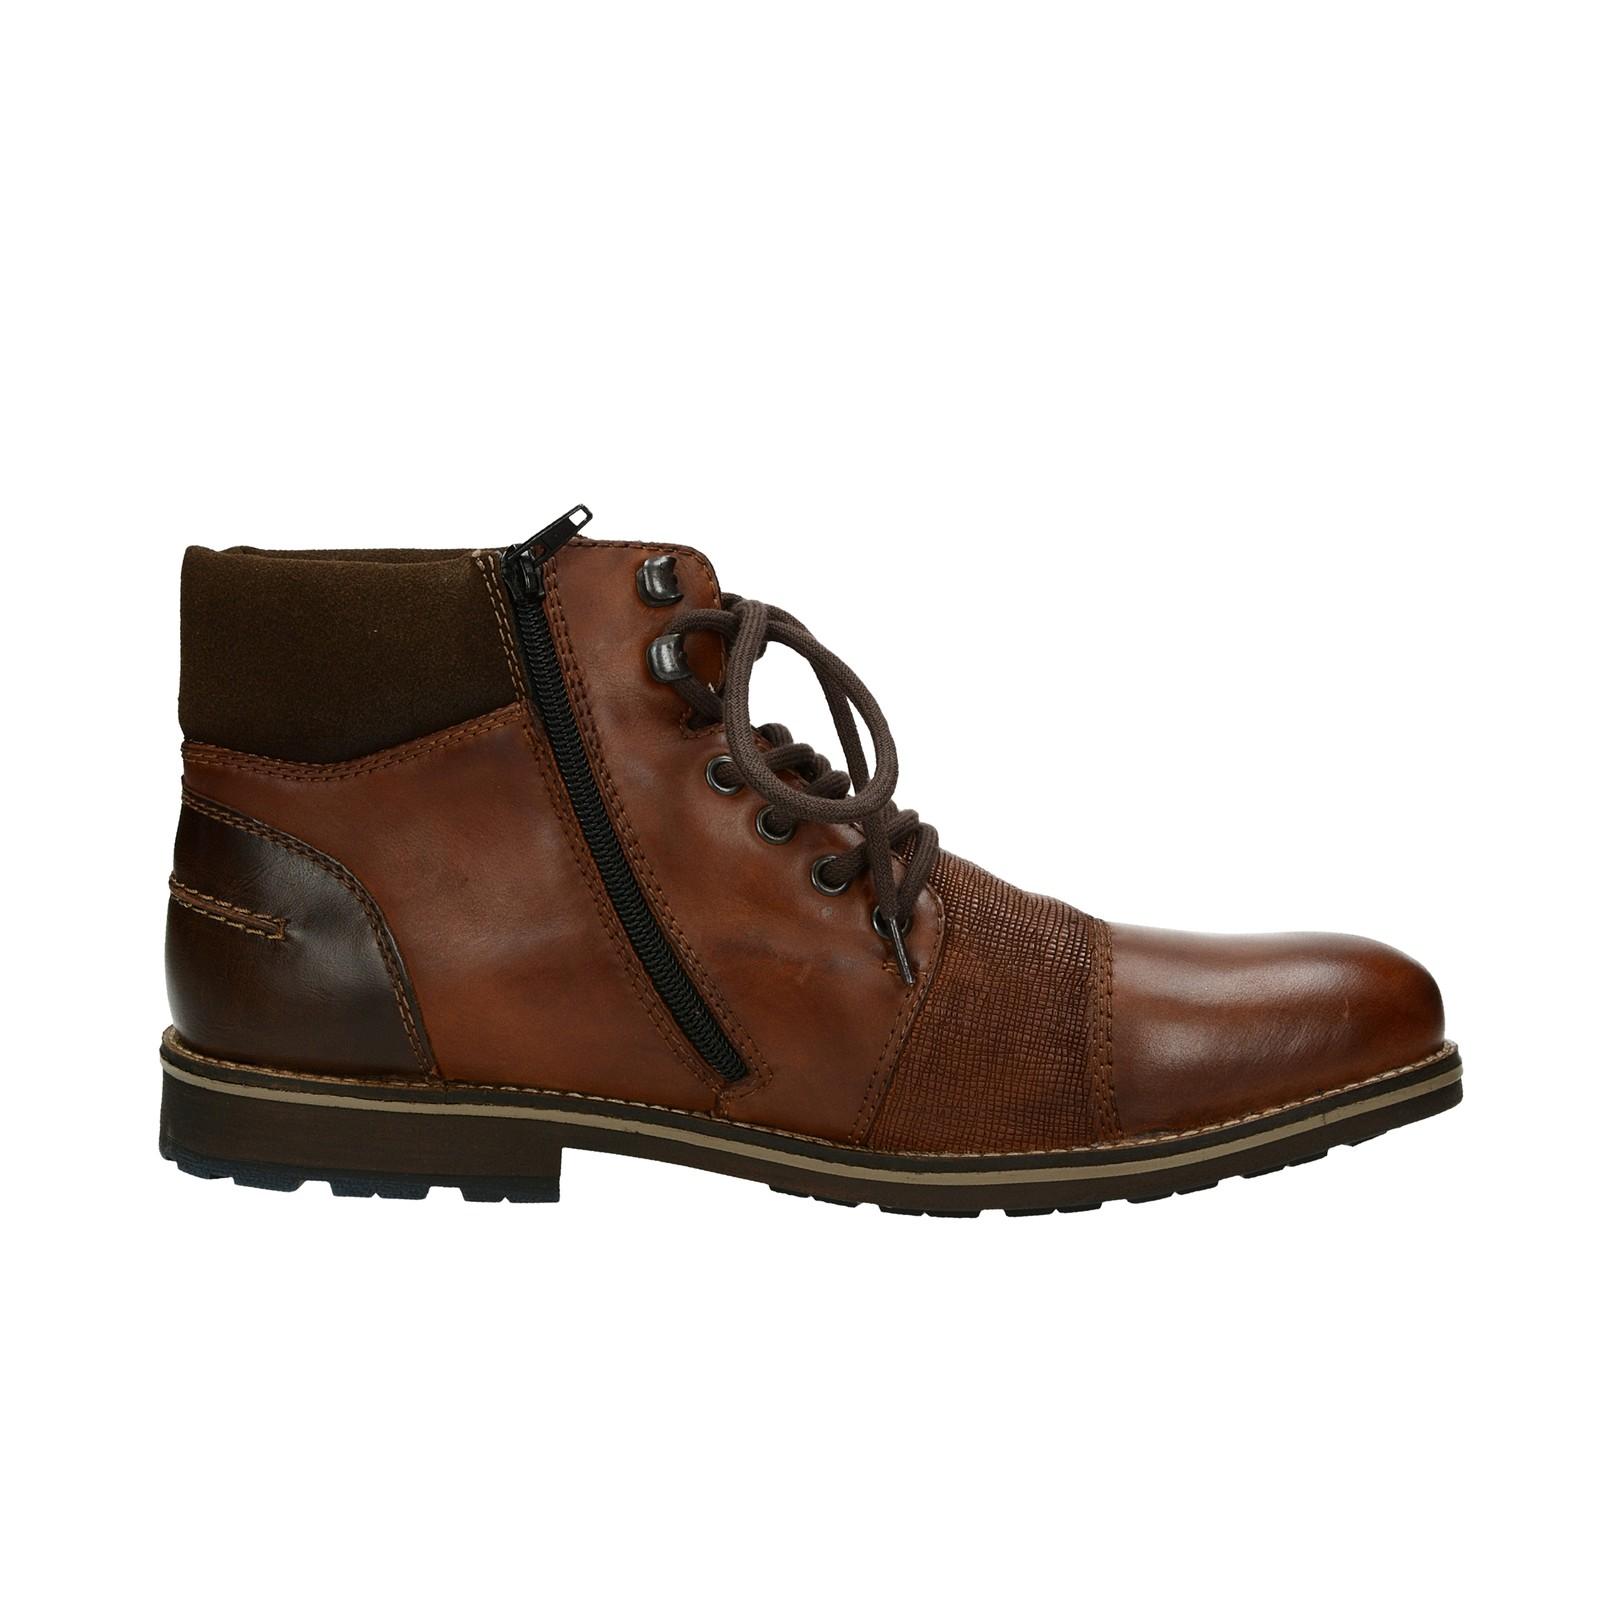 8bc3d2df58 ... Rieker pánska štýlová členková obuv na zips - hnedá ...